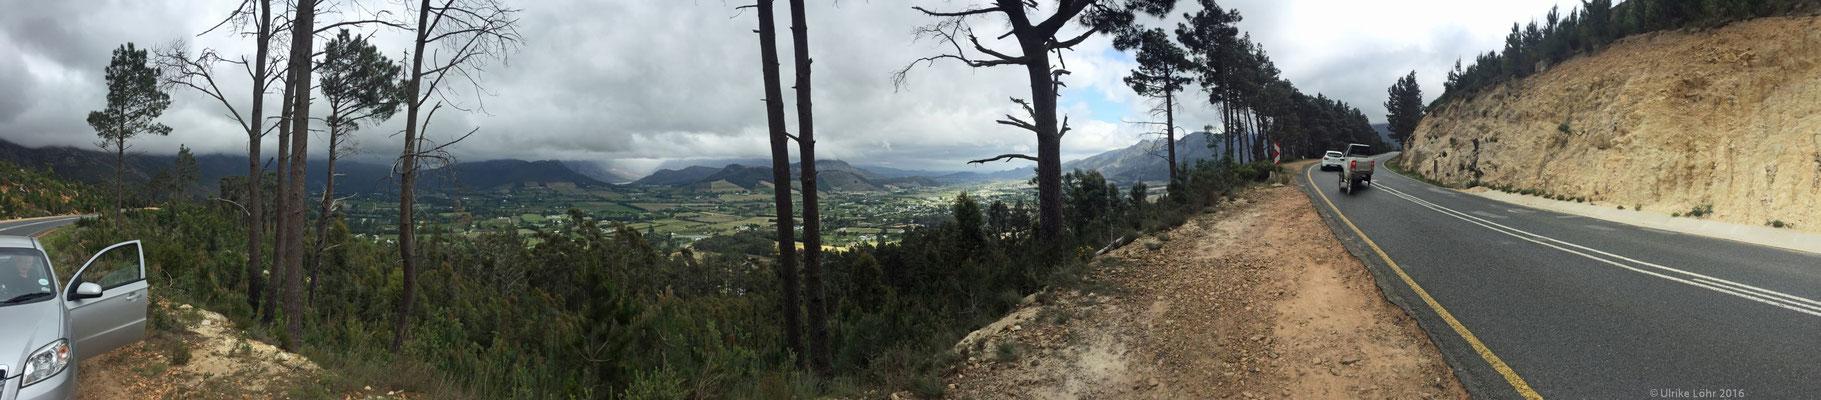 Franschhoek Valley - Panorama mit Leihwagen und Straße